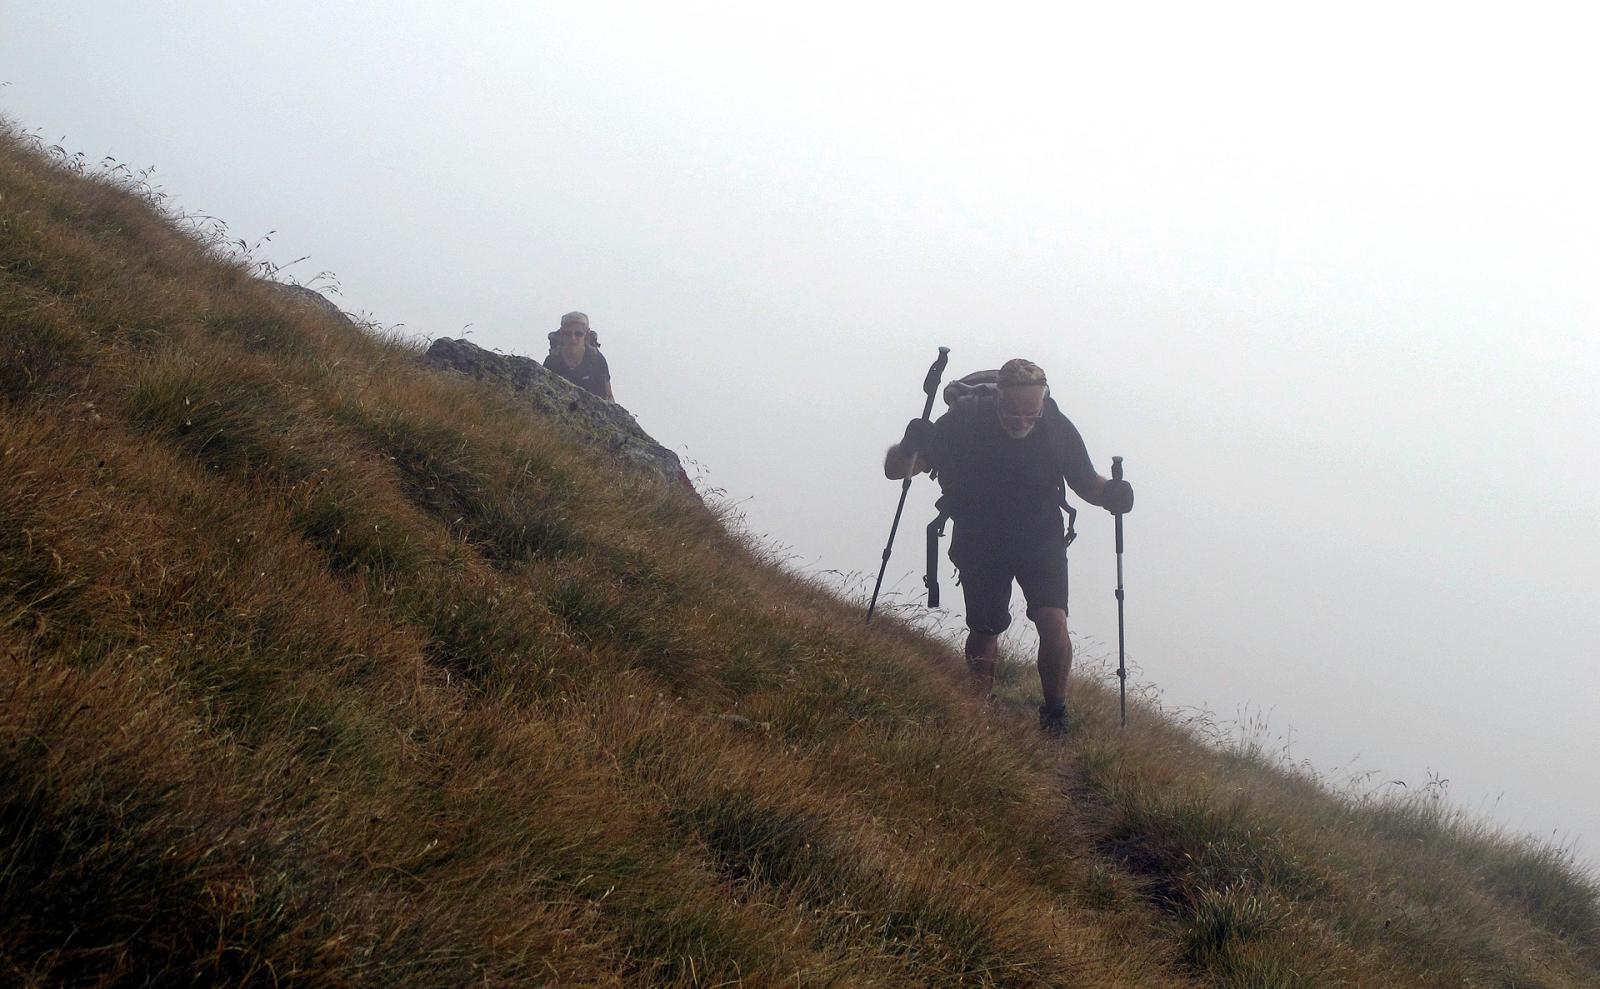 Nebbia fitta,ma qui il sentiero è ben segnato